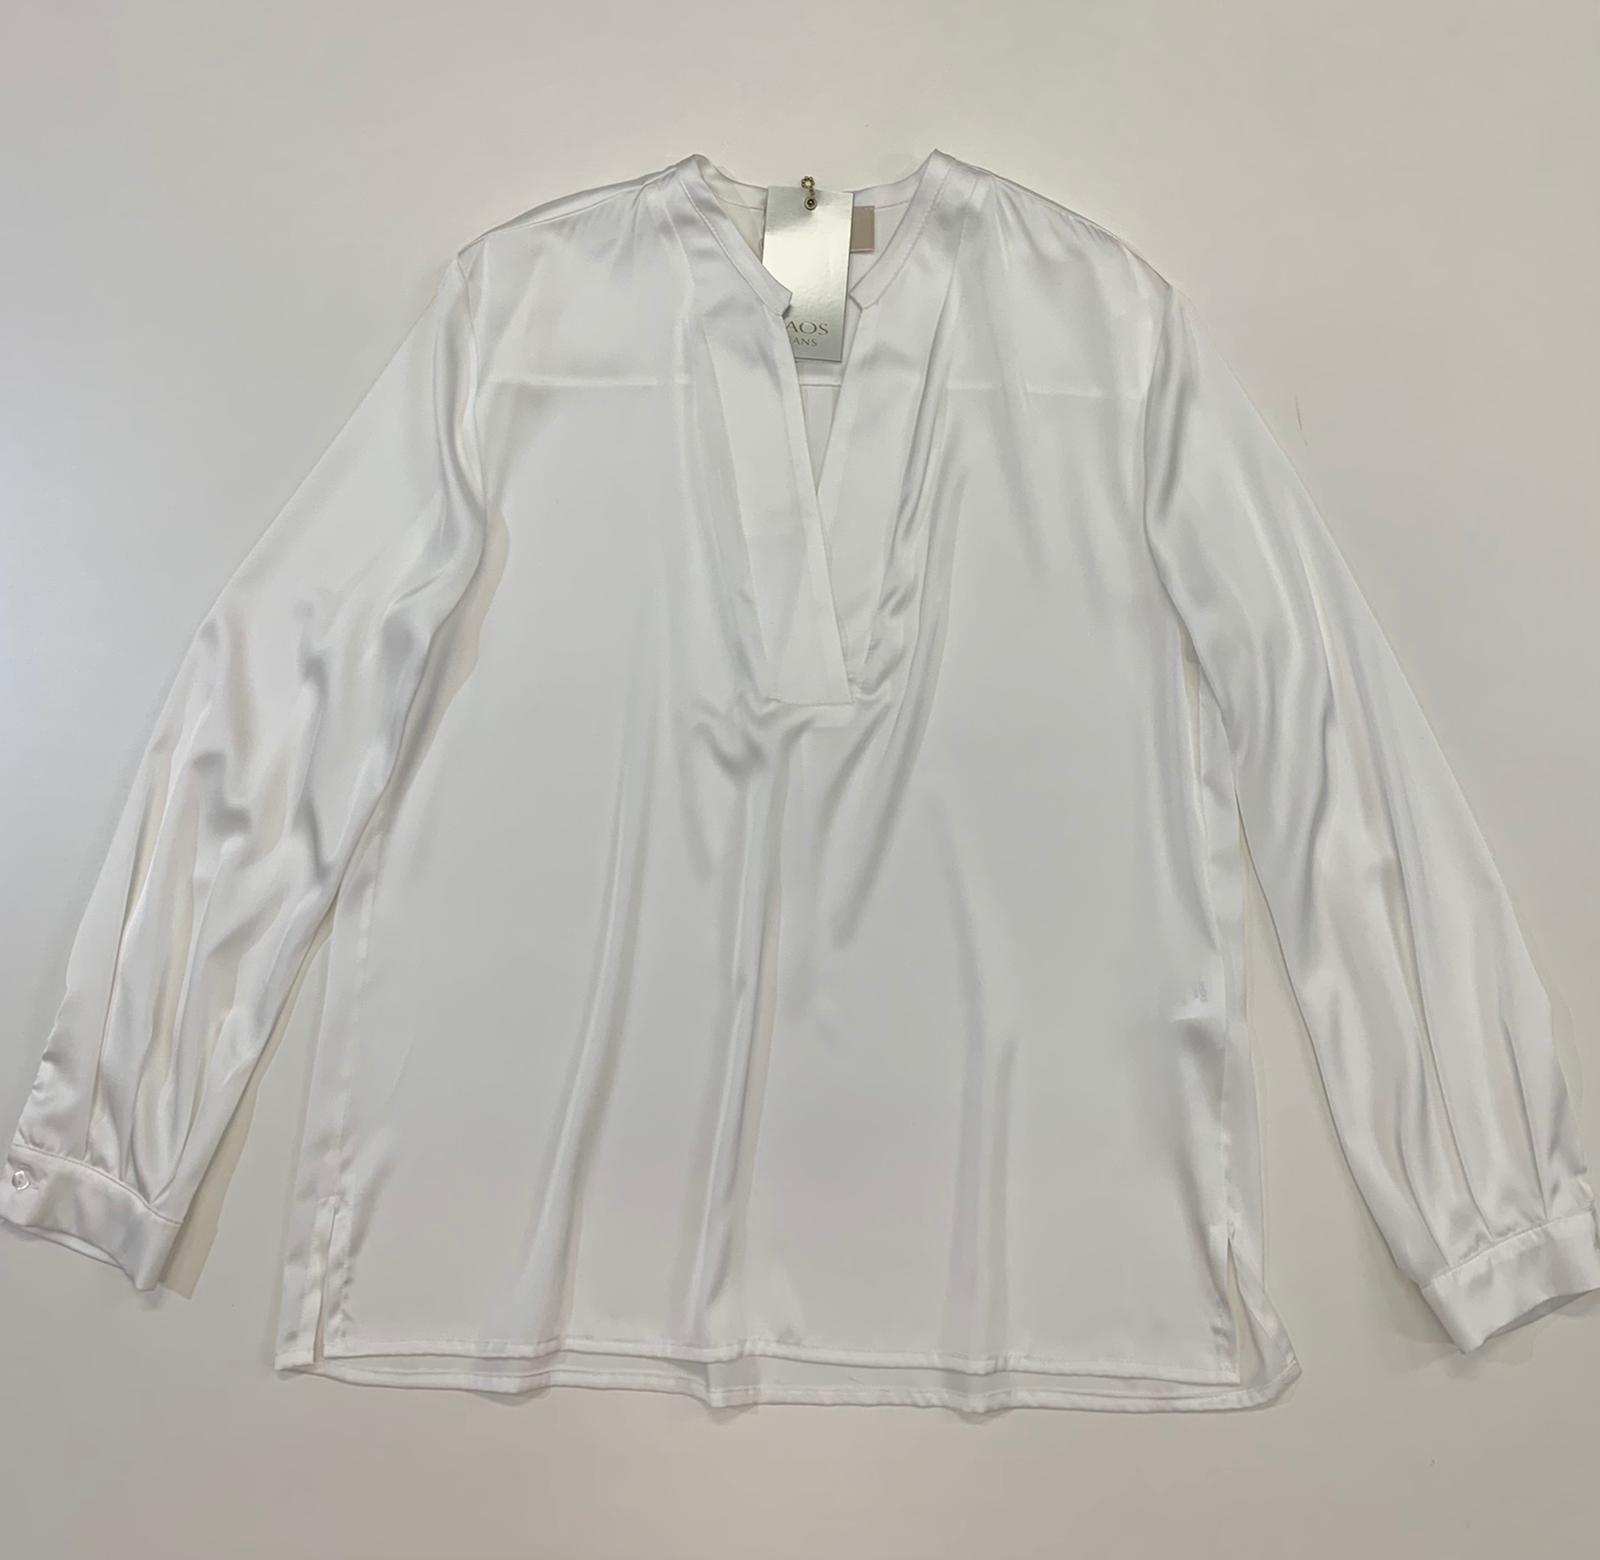 Blusa Kaos Jeans Raso Bianco